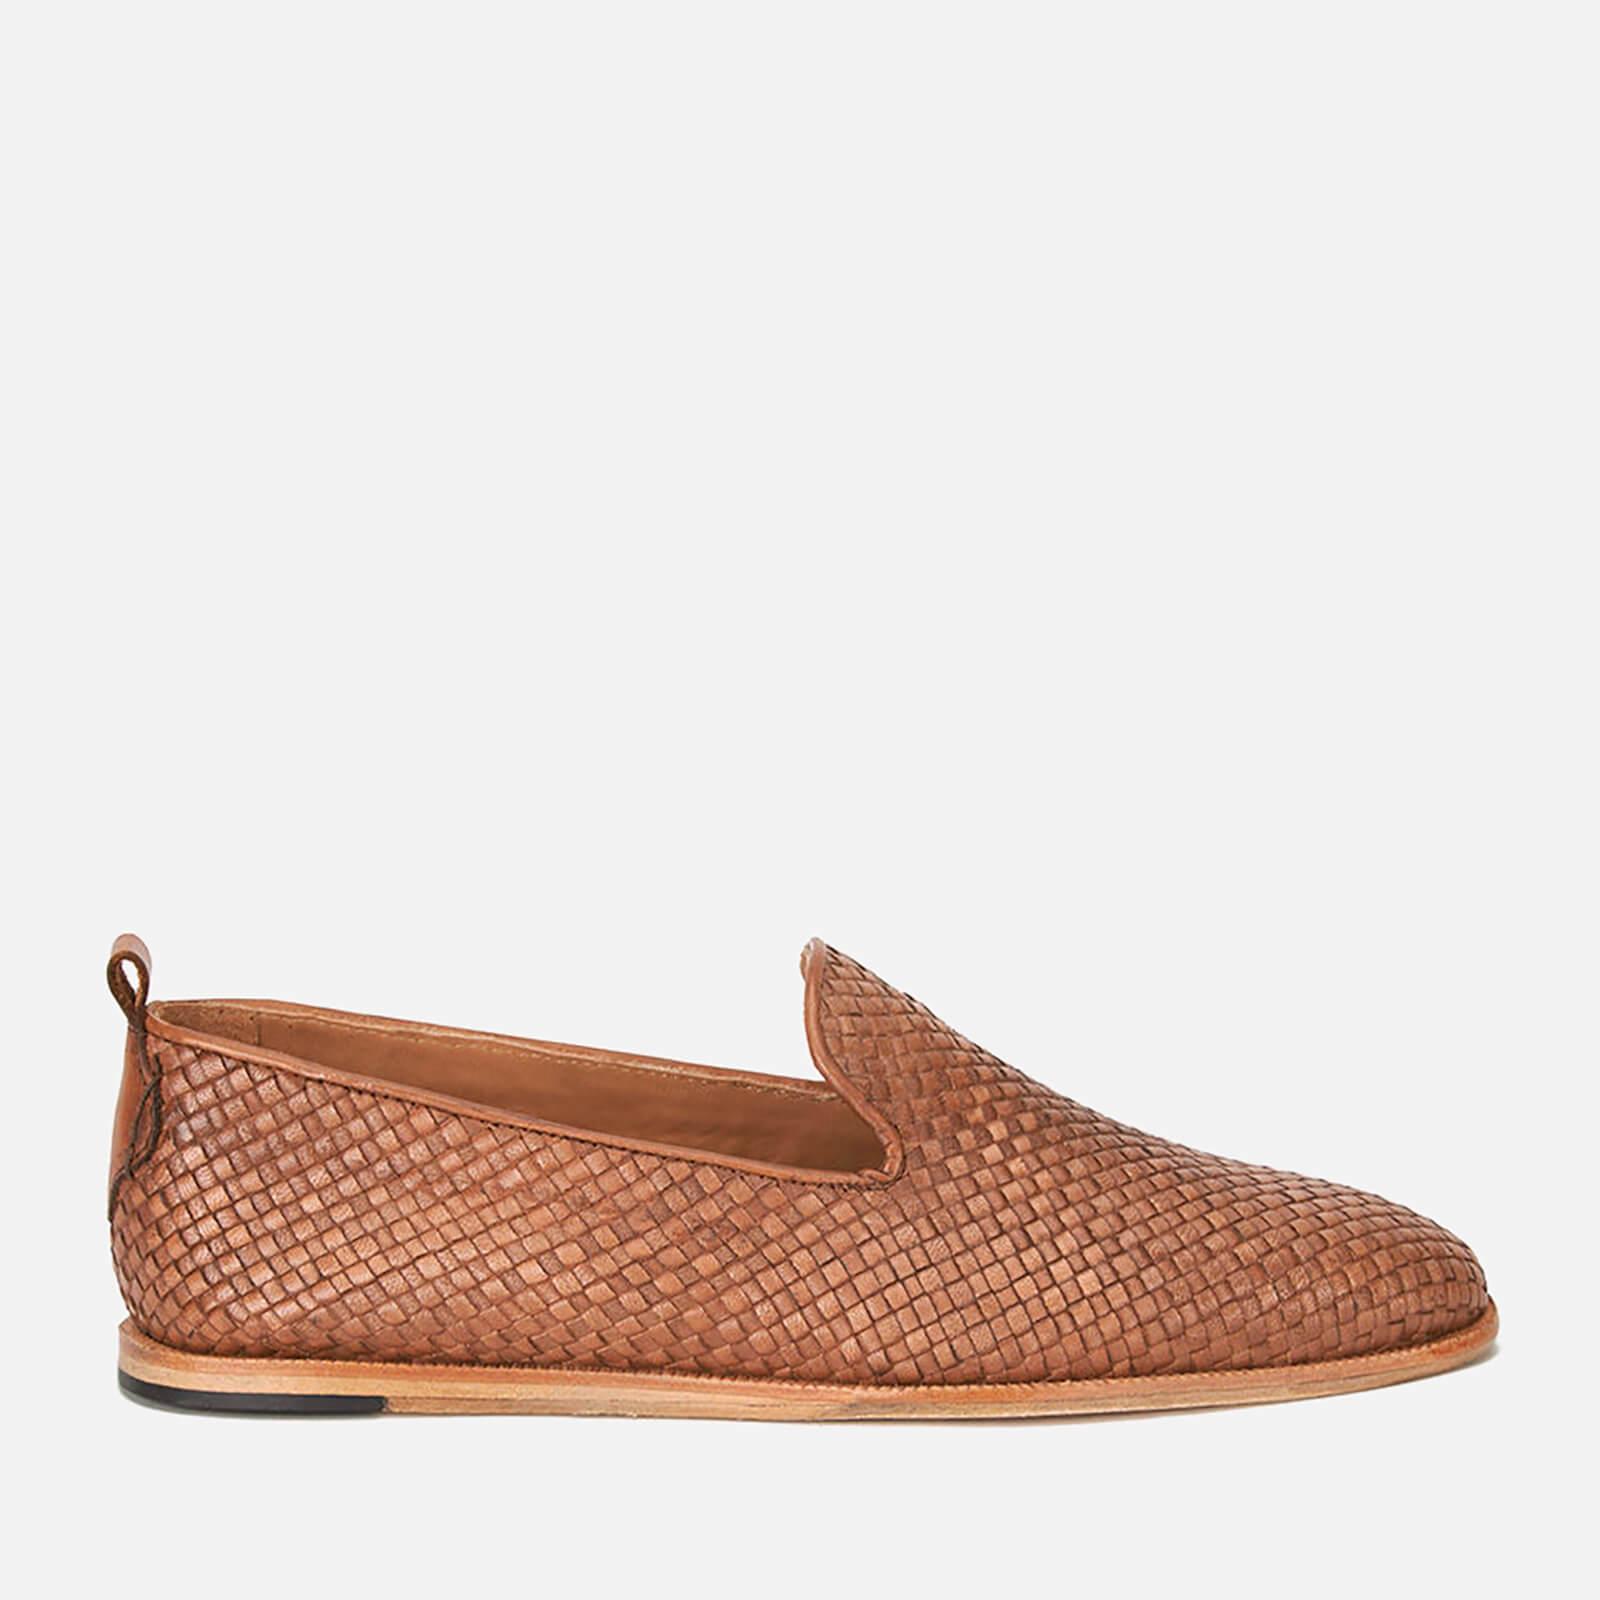 Hudson London Men's Ipanema Weave Slip on Leather Shoes - Tan - UK 10 - Tan